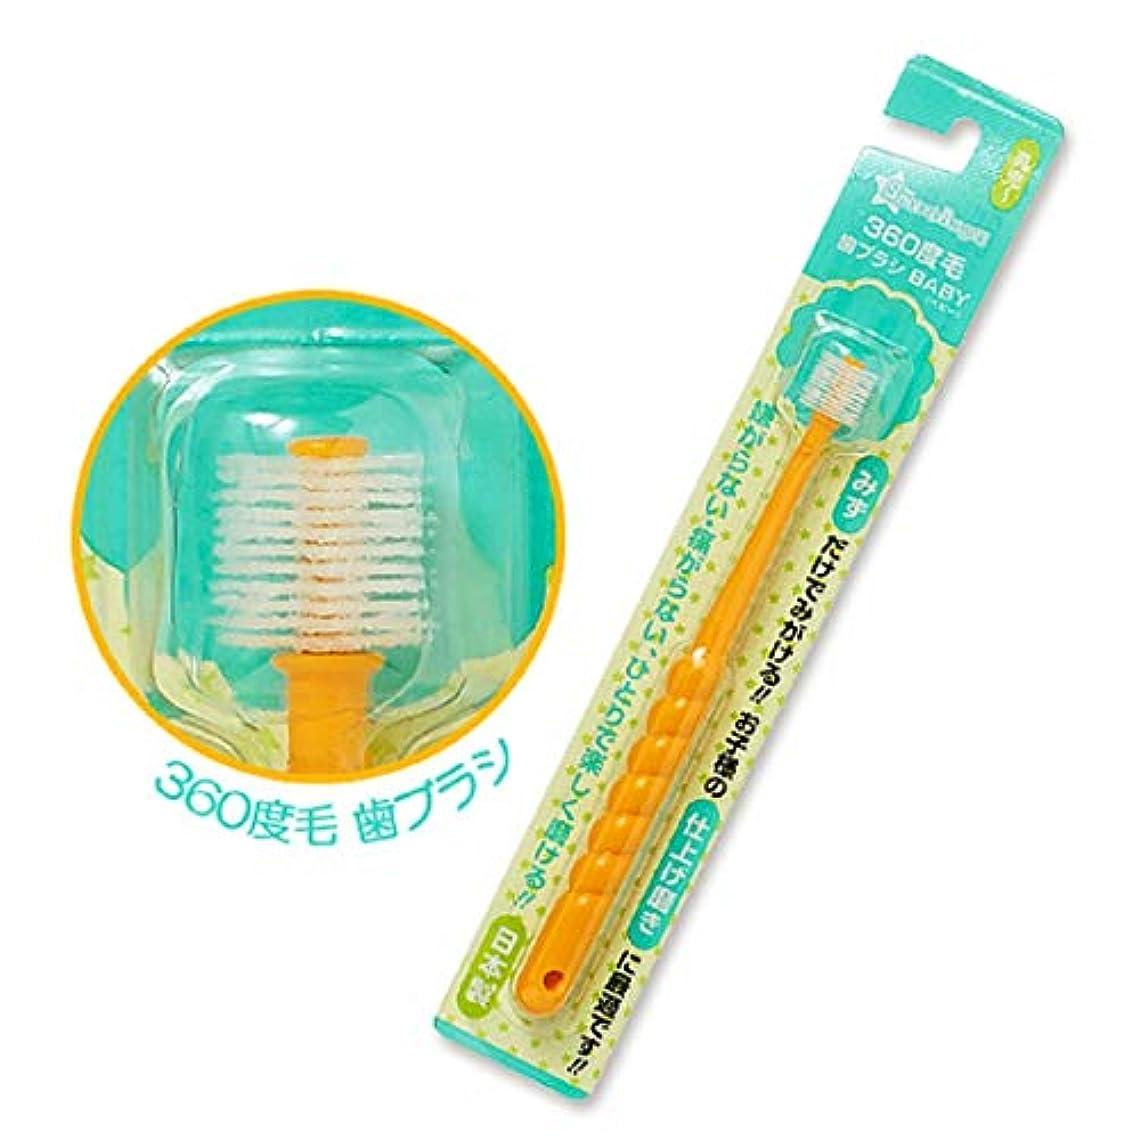 西松屋 SmartAngel) 360度毛歯ブラシBABY(オレンジ)